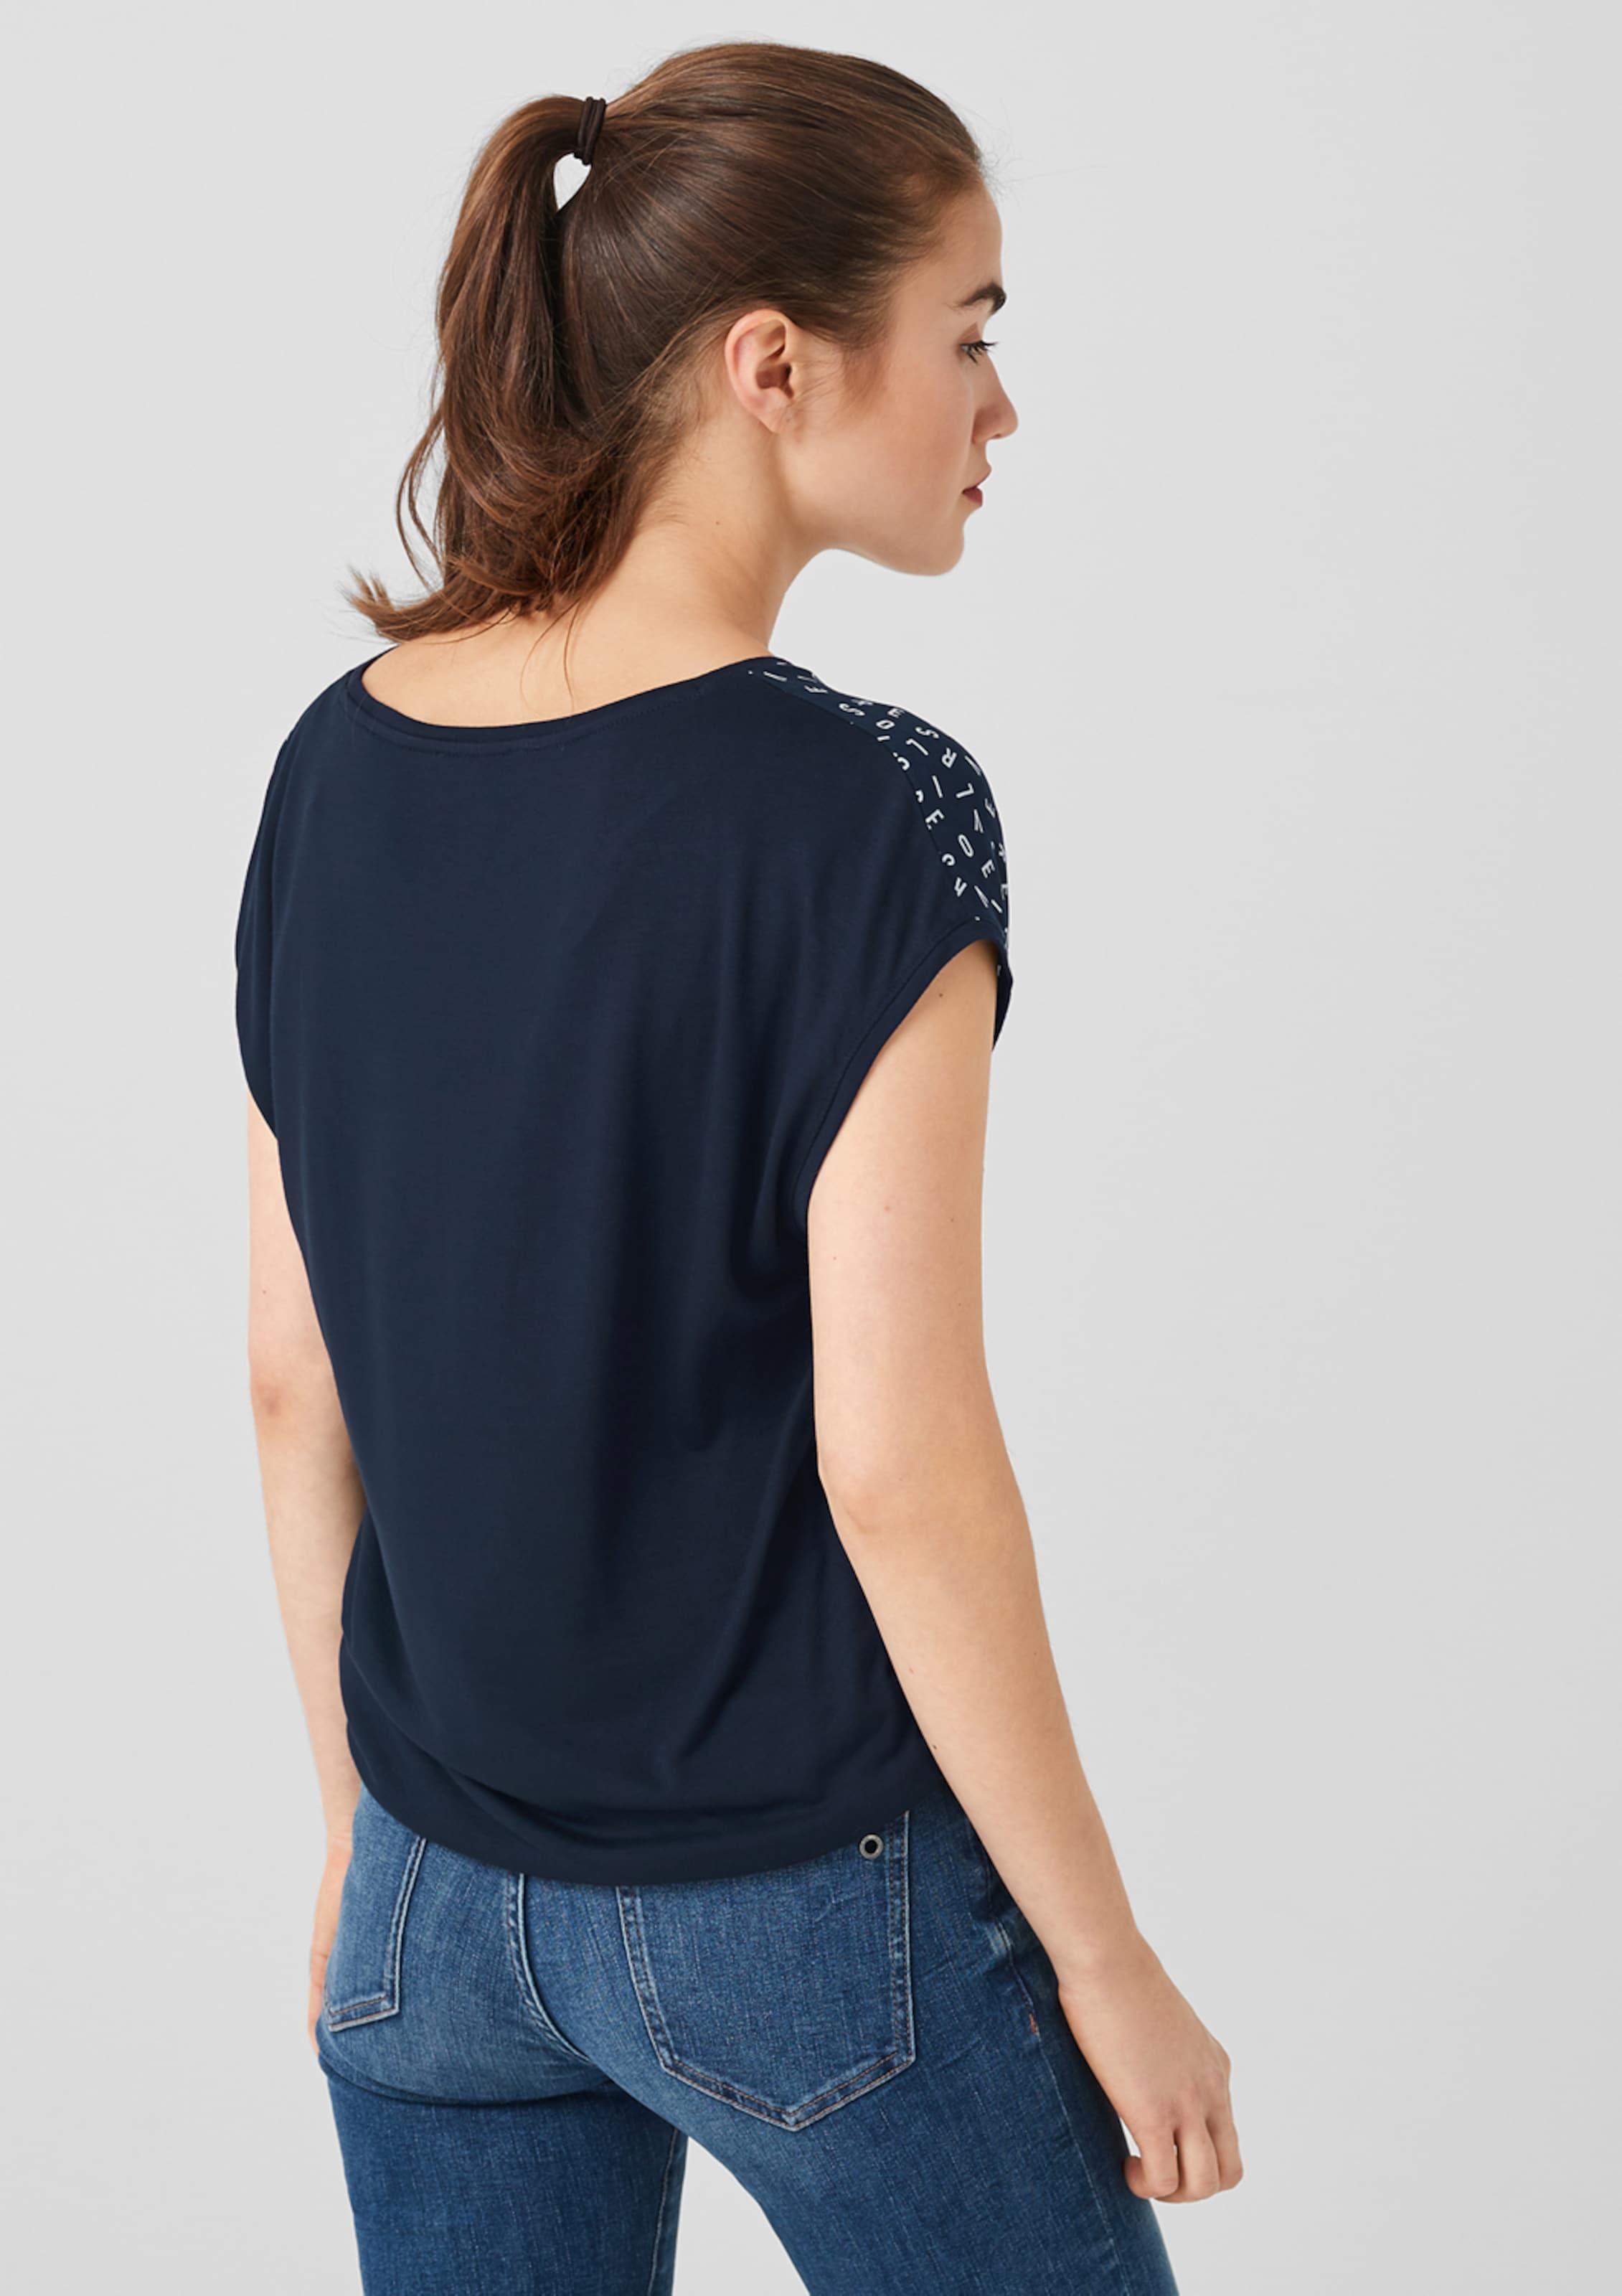 S oliver oliver NachtblauWeiß S In Shirt qUVpSMz